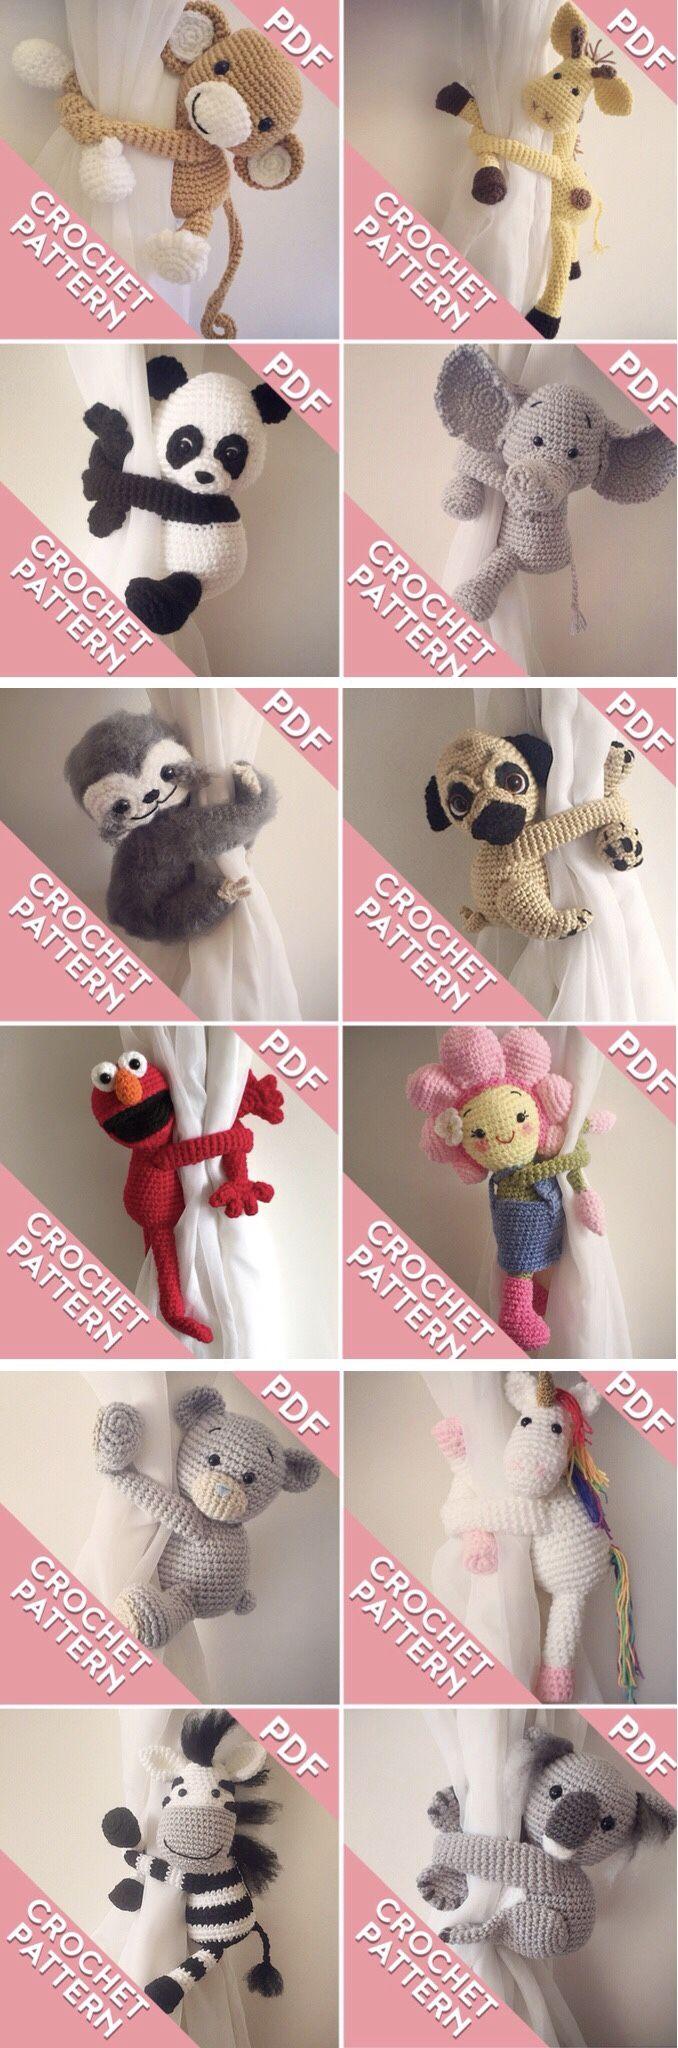 Crochet Pattern Monkey And Friends Curtain Tie Backs Patrones